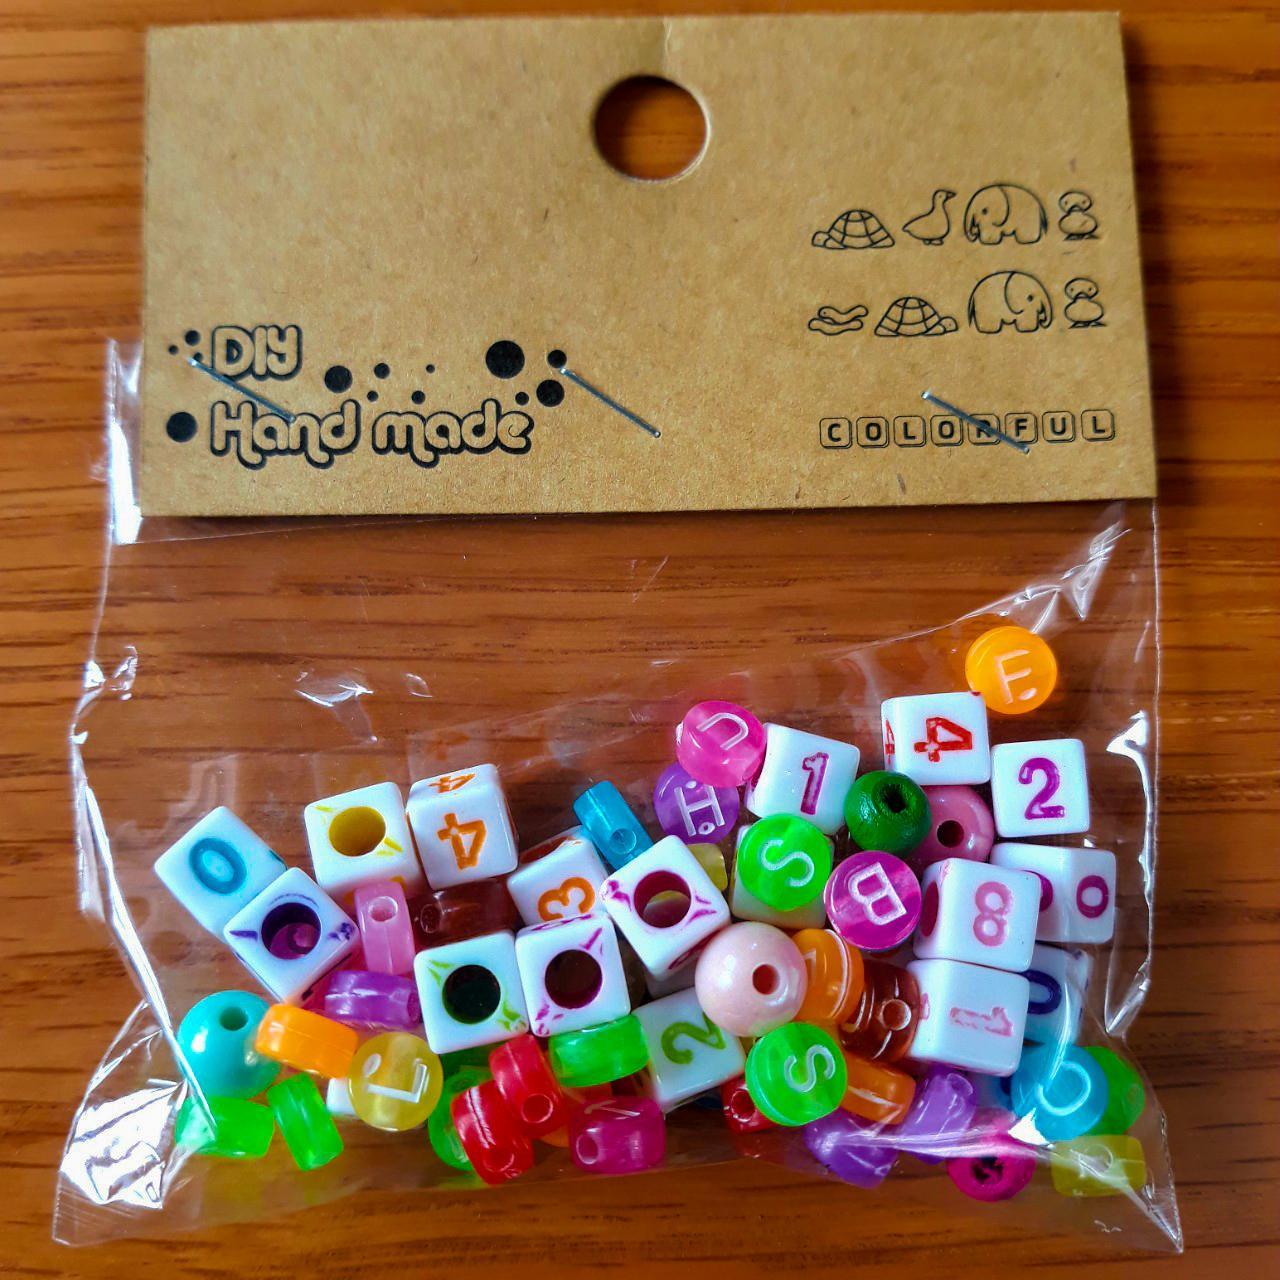 Set Bộ Hạt Nhựa Chữ Và Số Trang Trí, Làm Đồ Handmade - Mẫu Ngẫu Nhiên